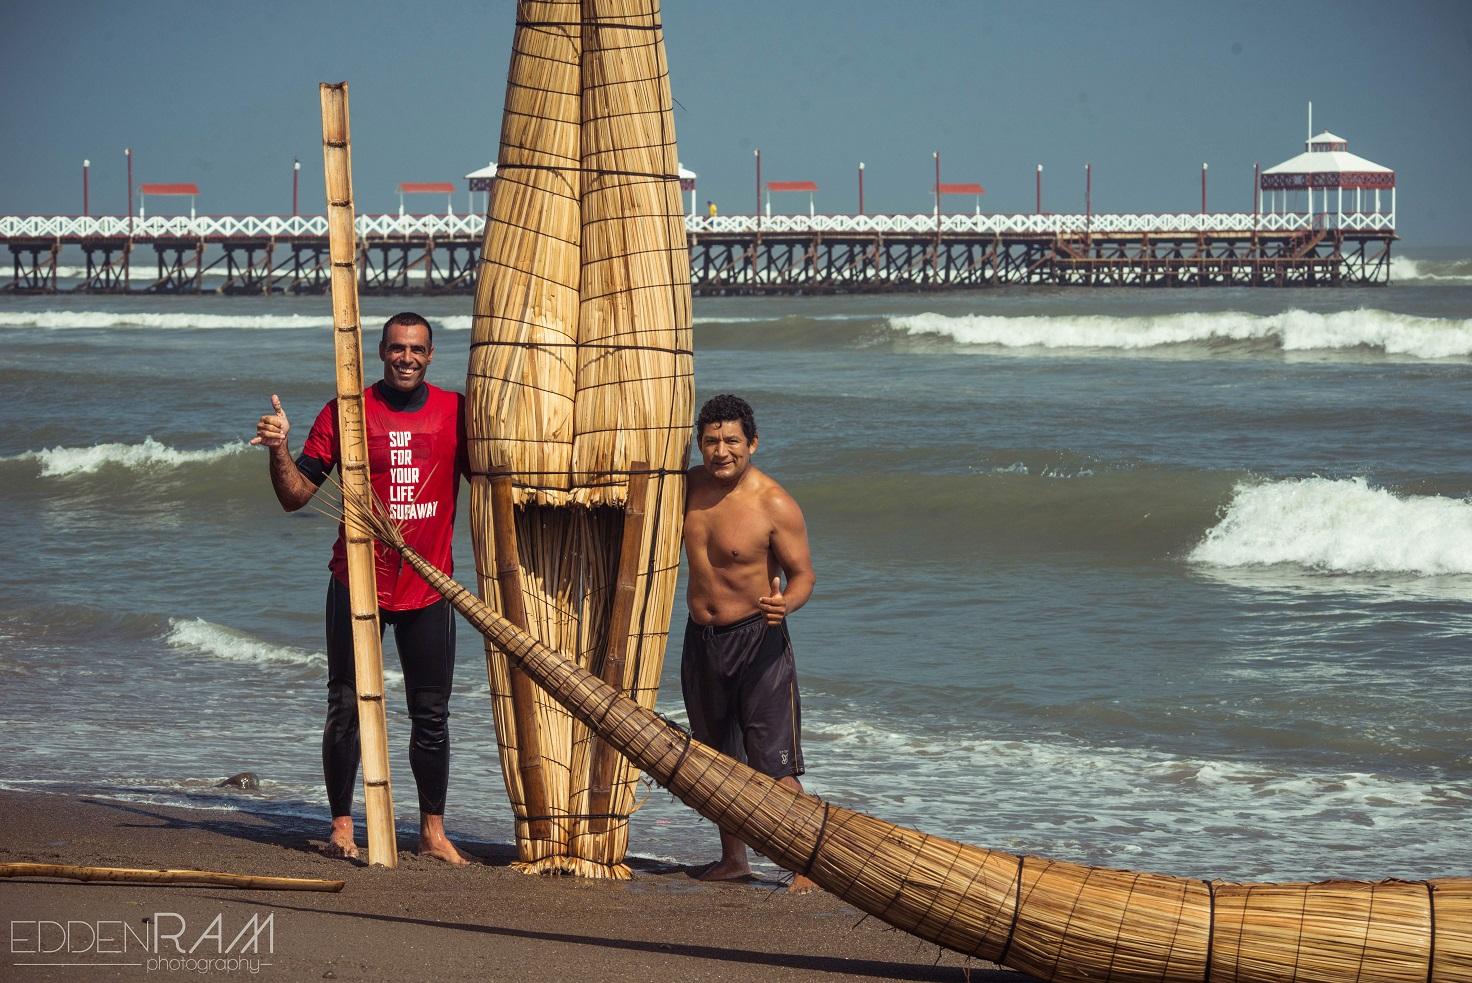 עמית ענבר גולש על סירת קש totora שהיא בעצם המקור לגלישה